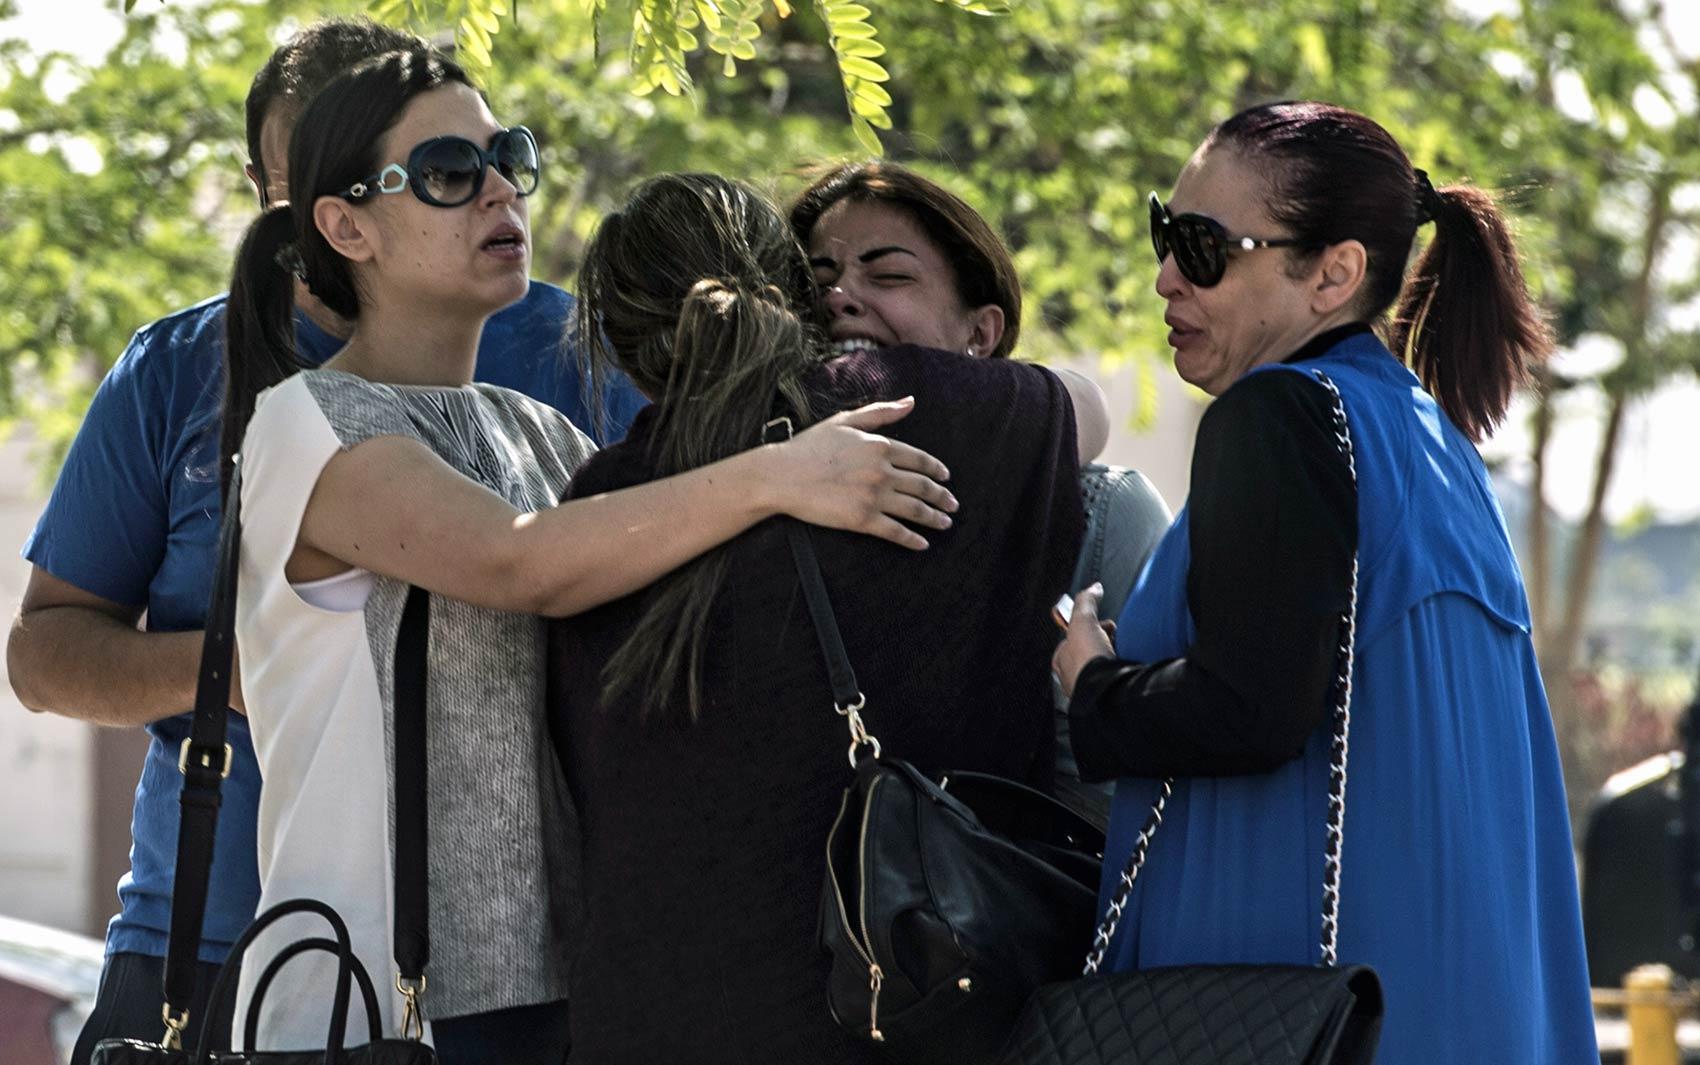 Parentes e amigos de pessoas que estavam a bordo do voo MS804 da EgyptAir se emocionam e choram na chegada ao local de atendimento da companhia aérea no Aeroporto Internacional do Cairo, no Egito